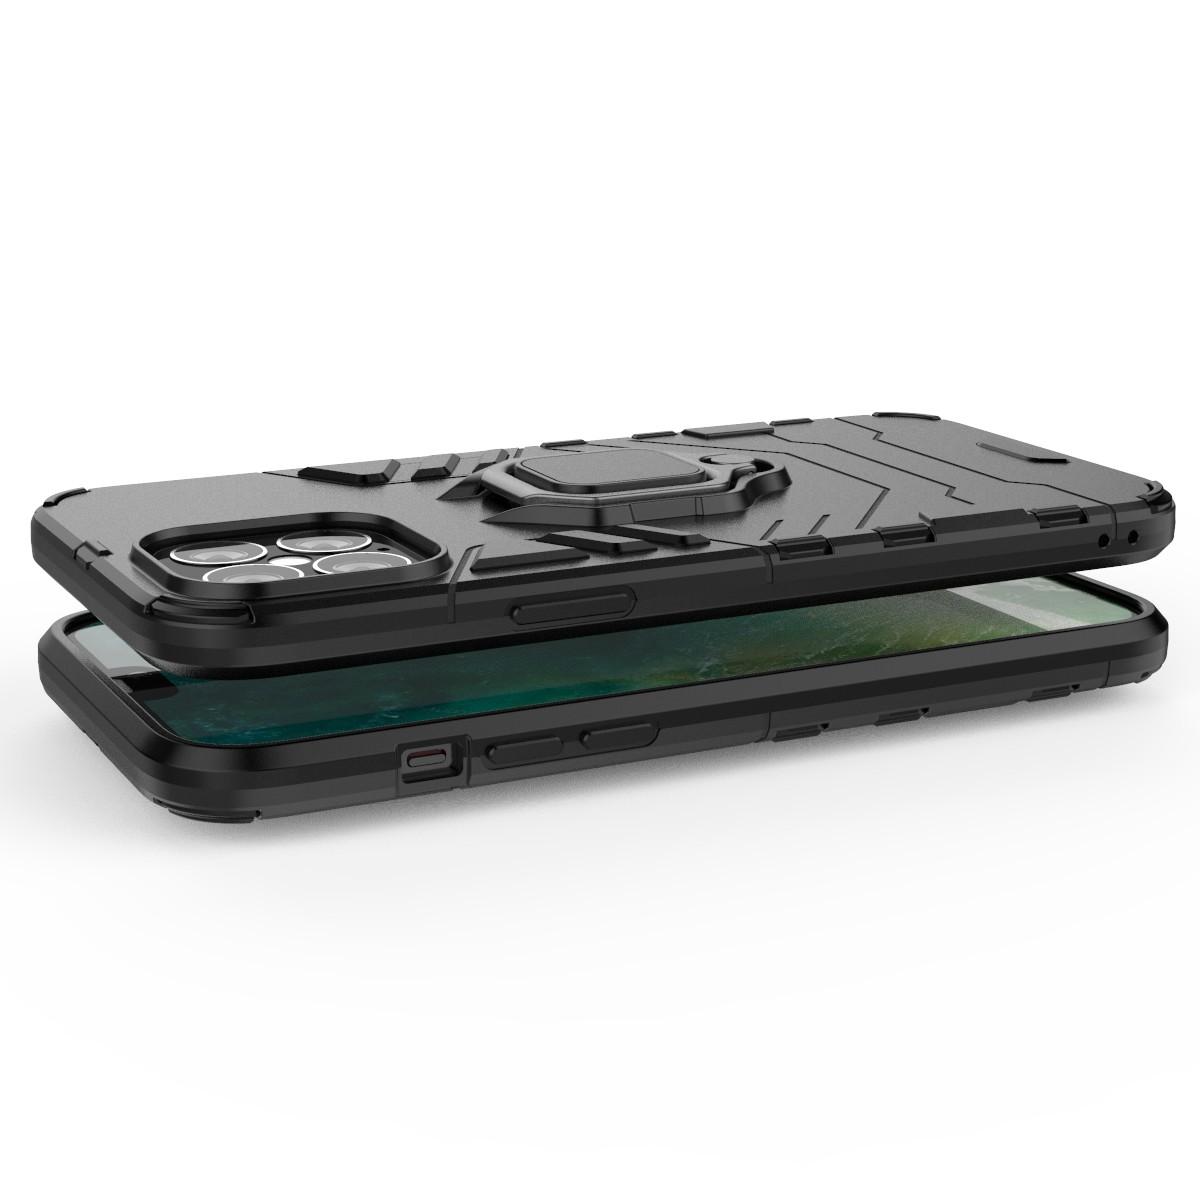 ốp điện thoại Chống Sốc Có Nhẫn Đỡ Cao Cấp Cho Iphone 12 Mini / Iphone 12 / Iphone 12 Pro / Iphone 12 Pro Max